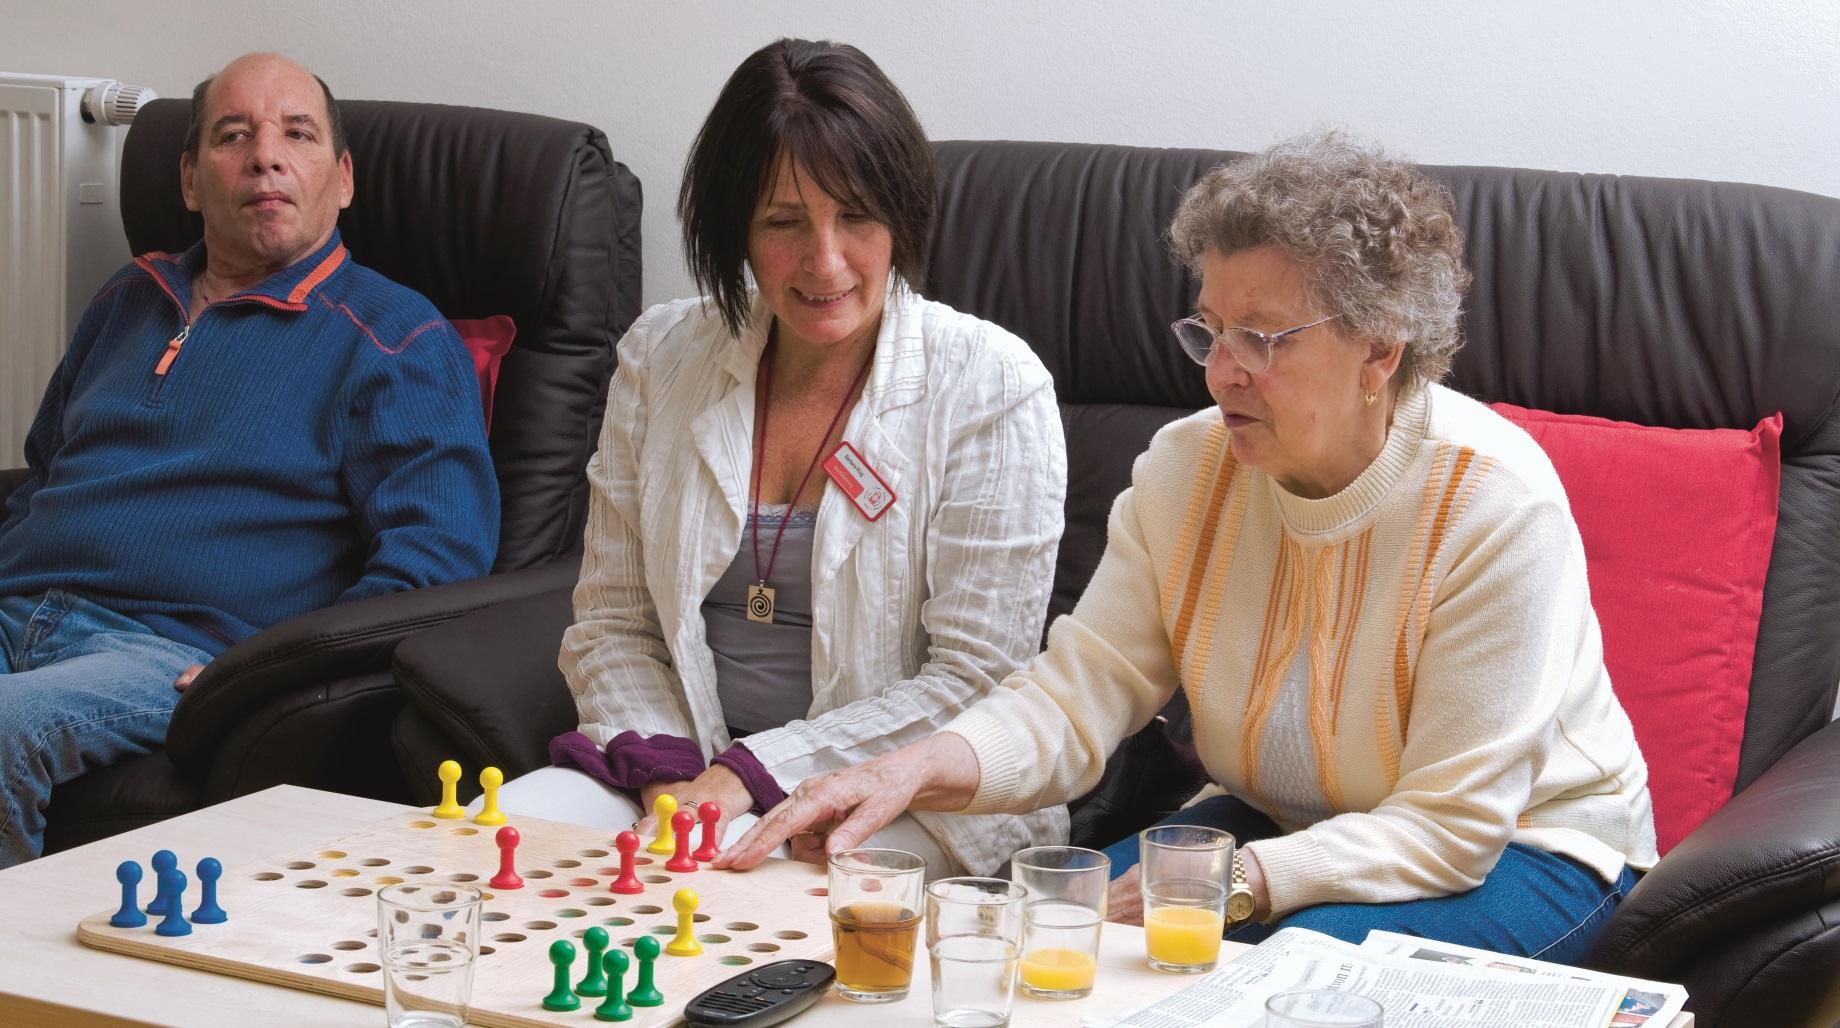 Pflegerin spielt mit älterer Dame Mensch Ärgere Dich Nicht. Foto: Stefan Ernst.